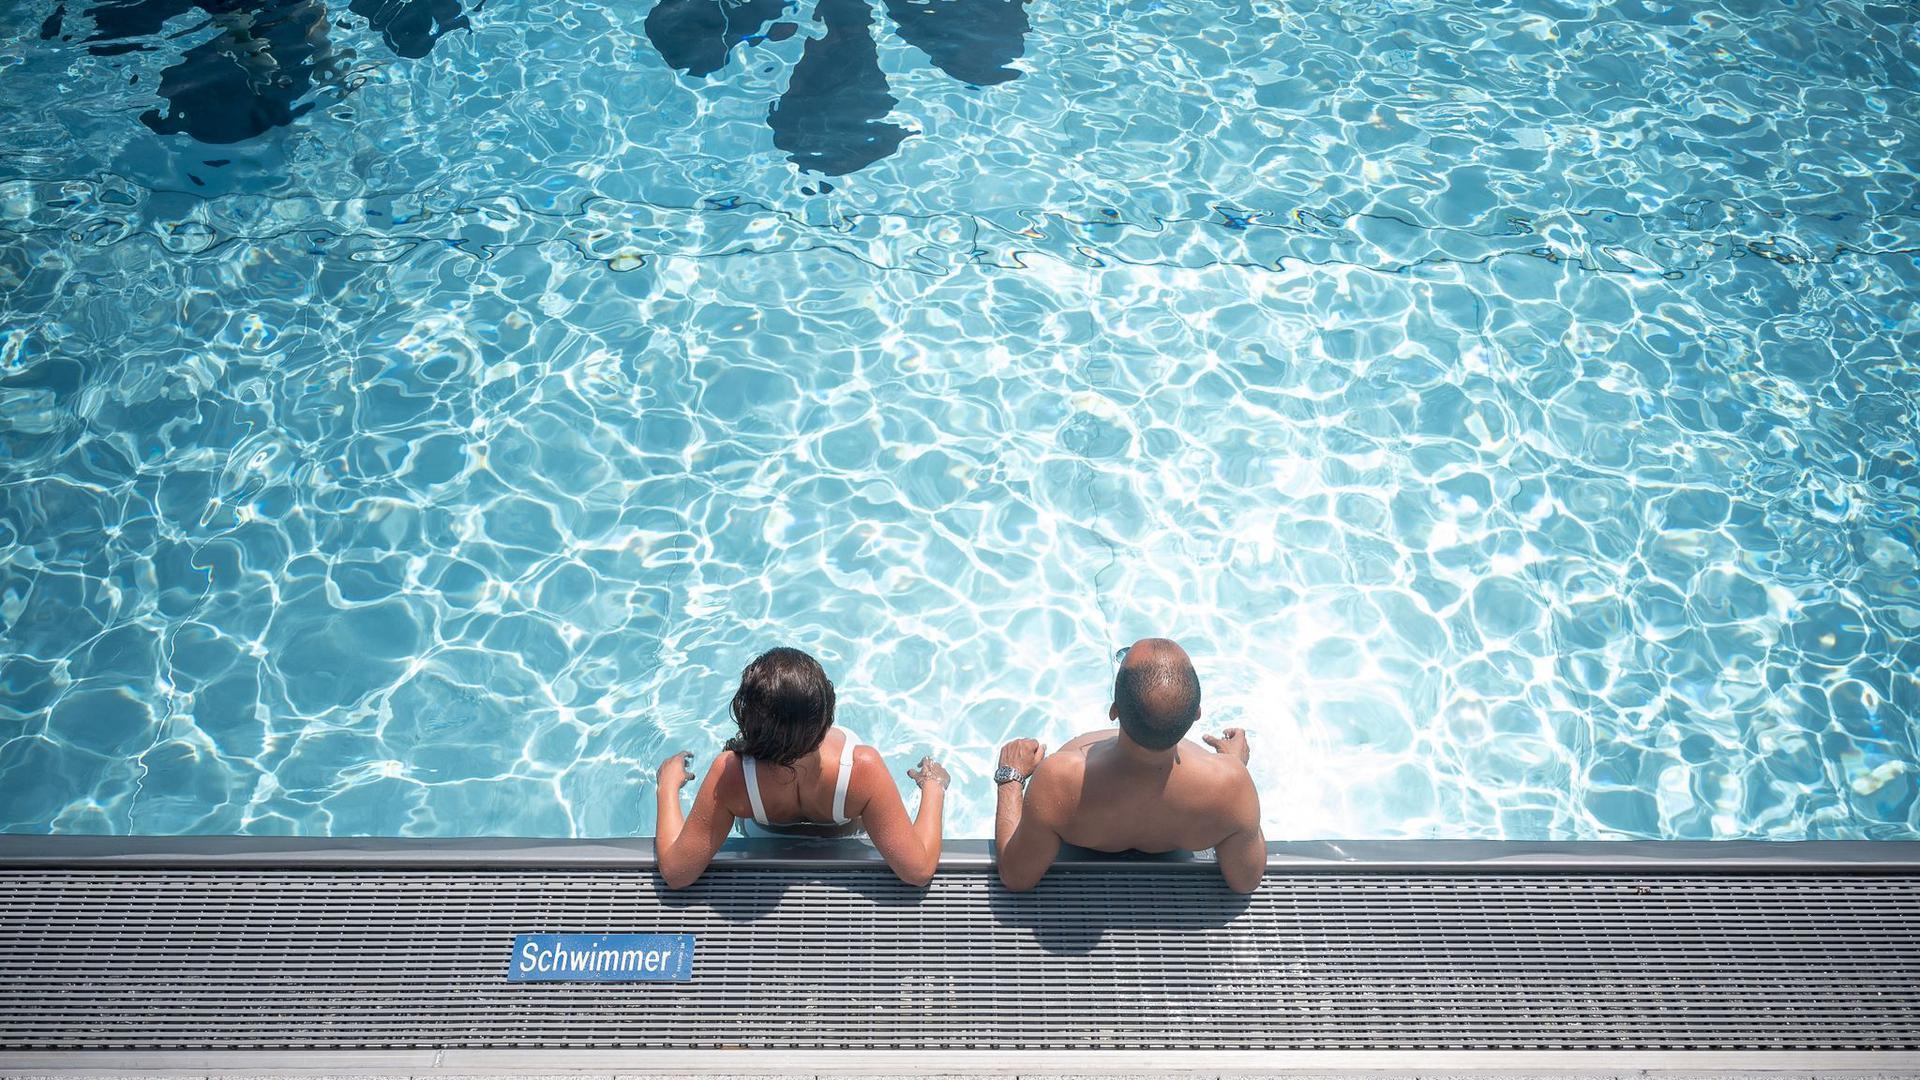 Zwei Badegäste stehen in einem Freibad im Schwimmbecken.